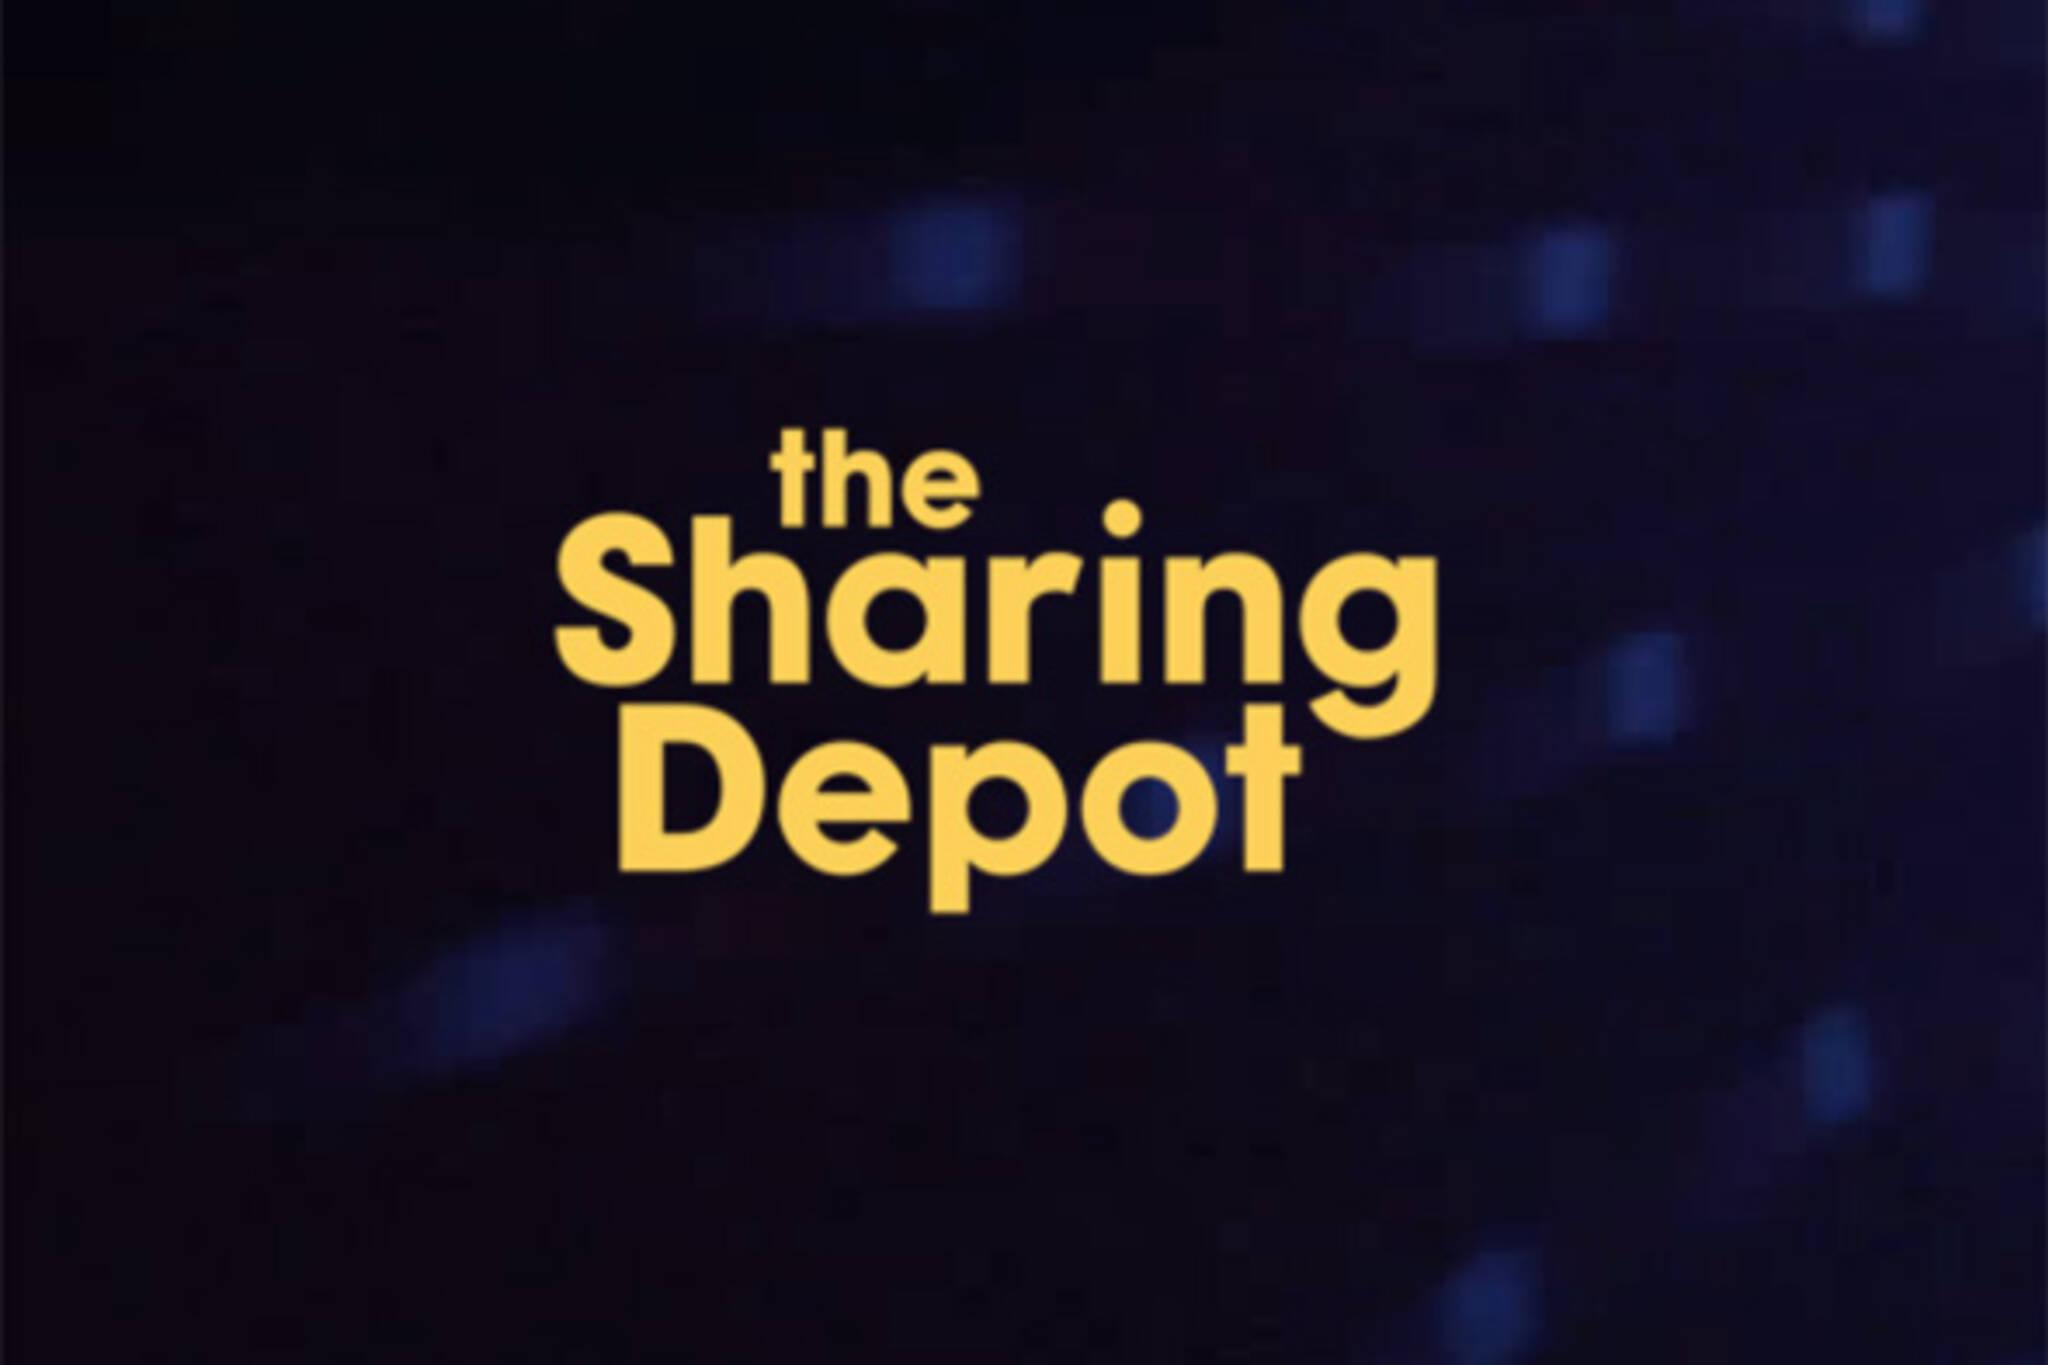 sharing depot